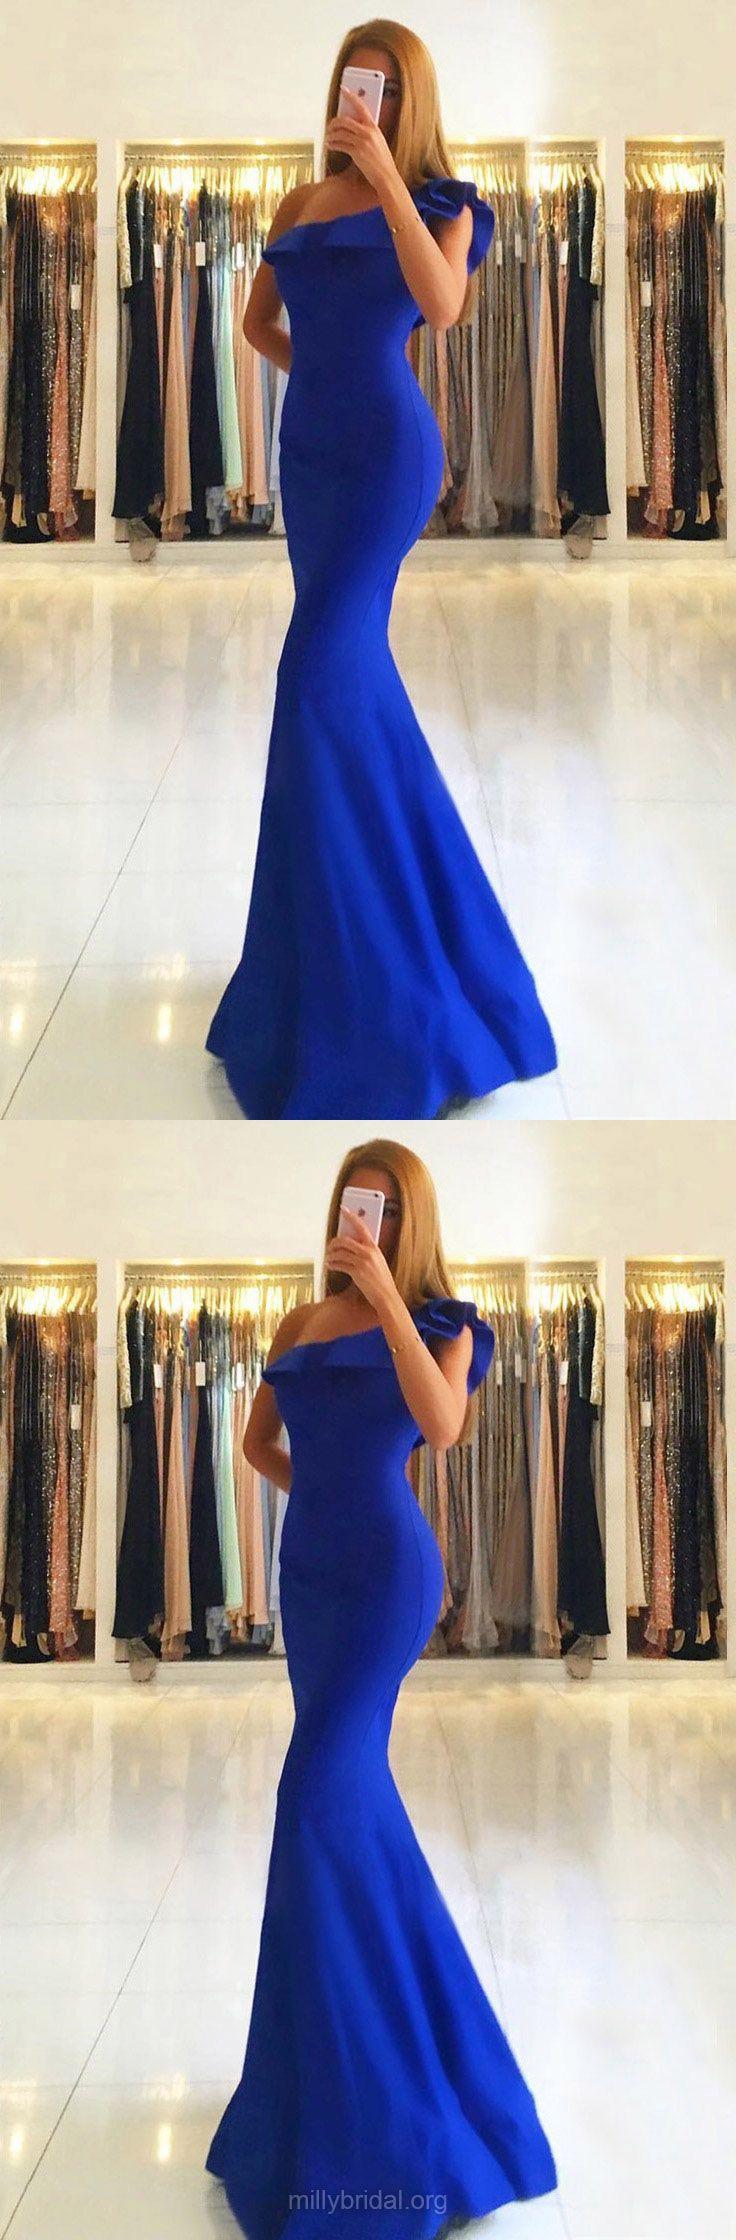 Blue prom dresses long prom dresses prom dresses for girls